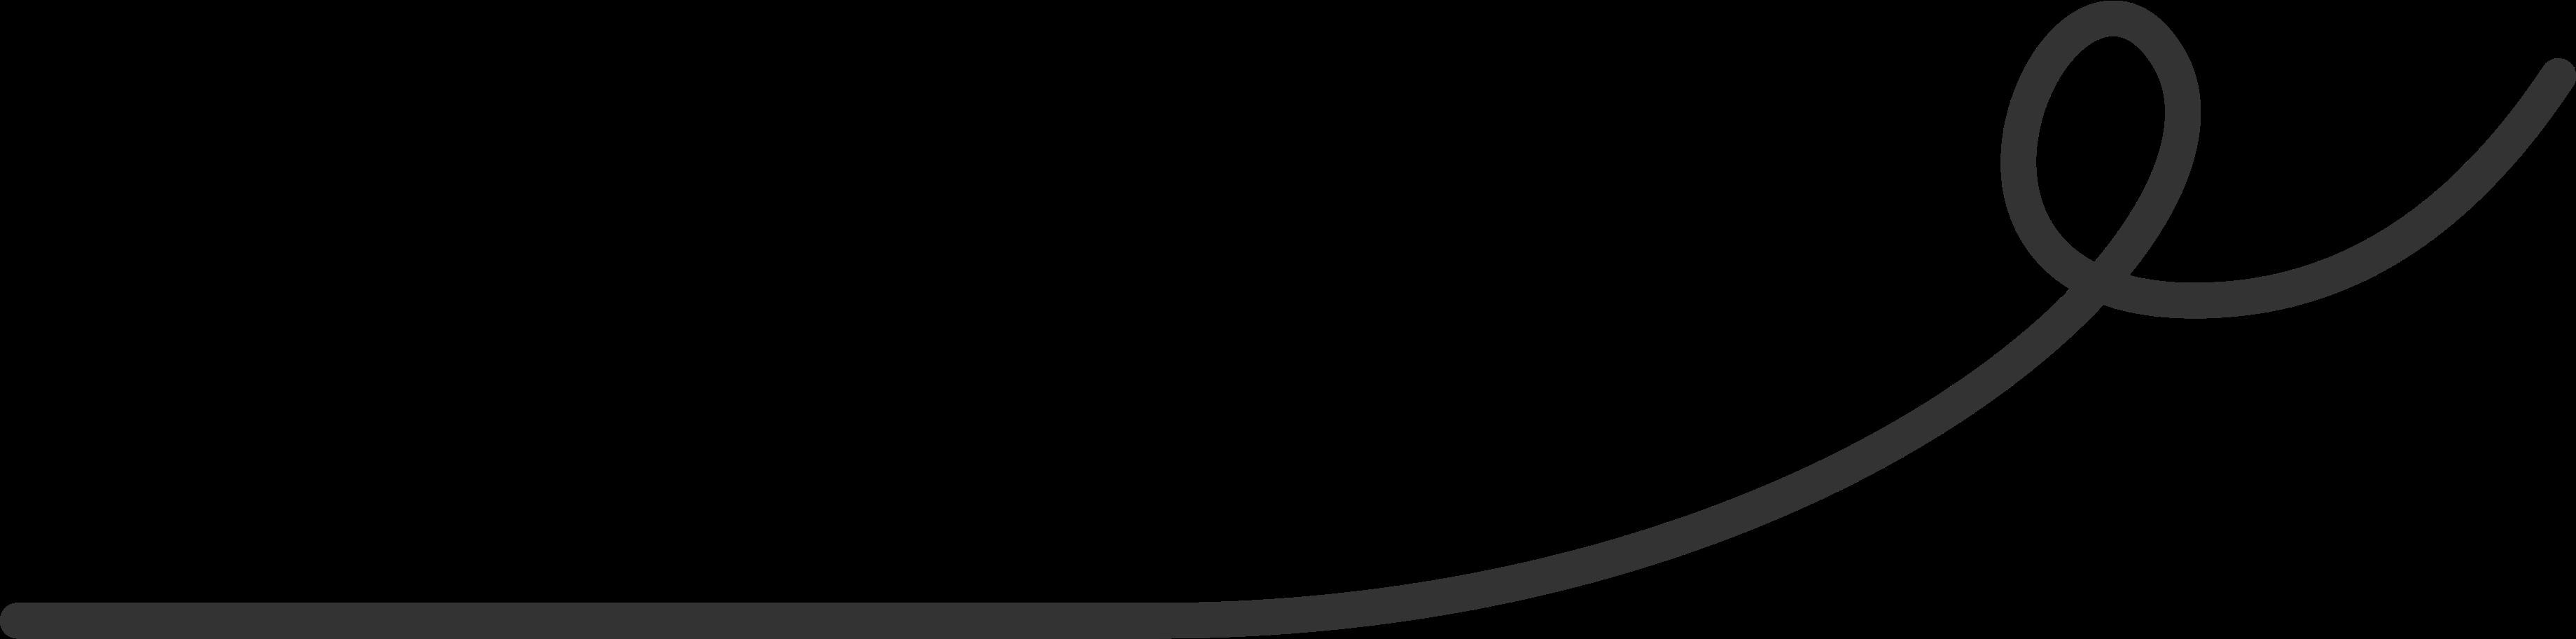 Liste ist leerer thread Clipart-Grafik als PNG, SVG